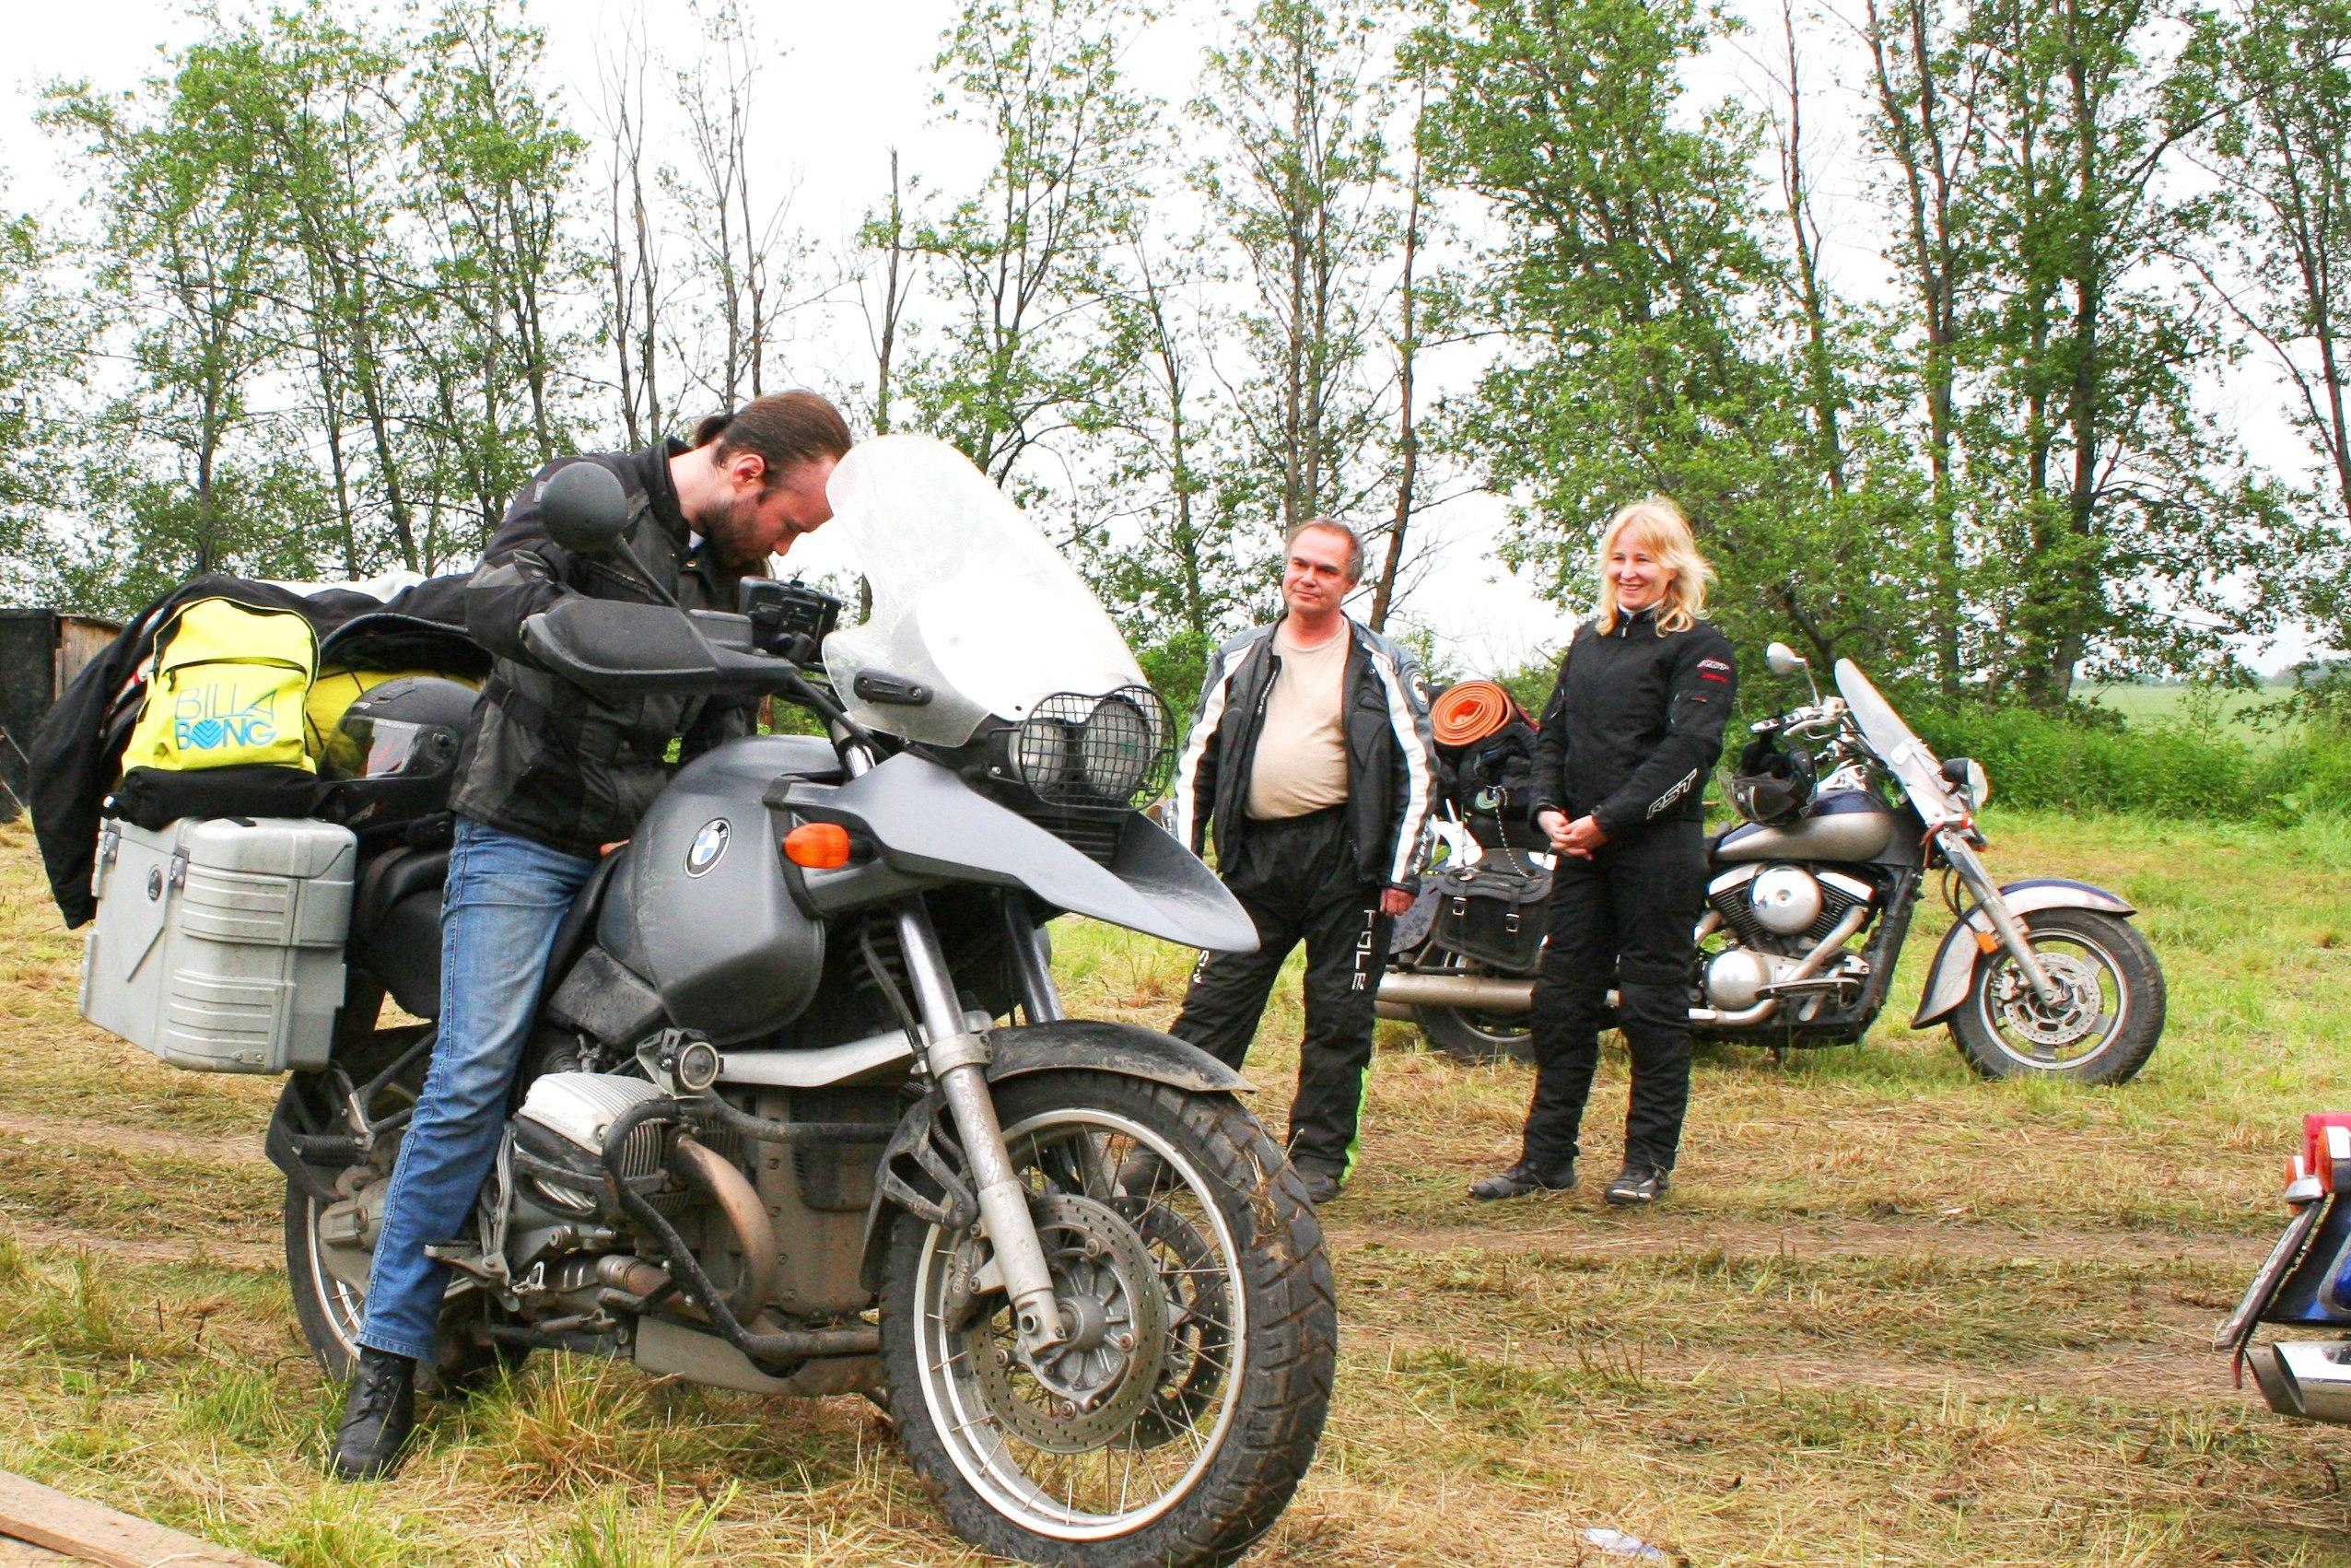 Отправляемся в дорогу: лучшие мотопутешествия по России и Европе